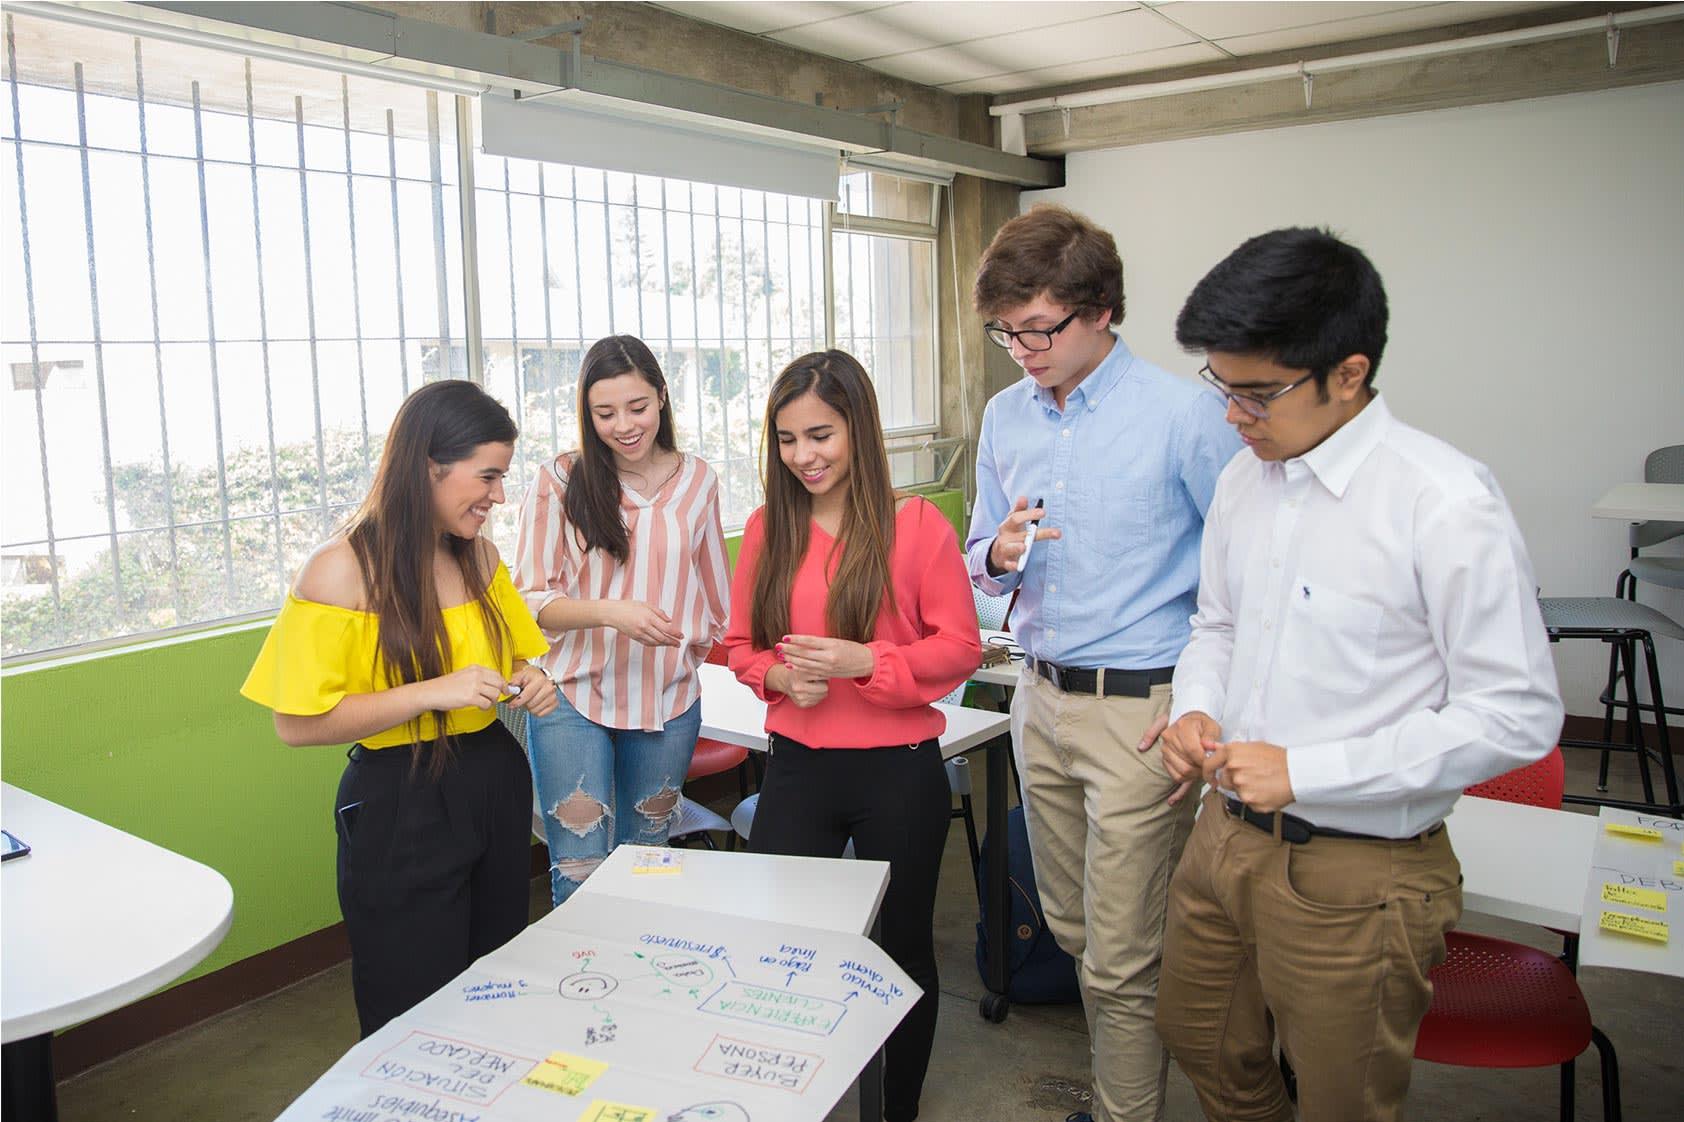 CREA-UVG: el programa que enciende la chispa del emprendimiento dentro de la universidad